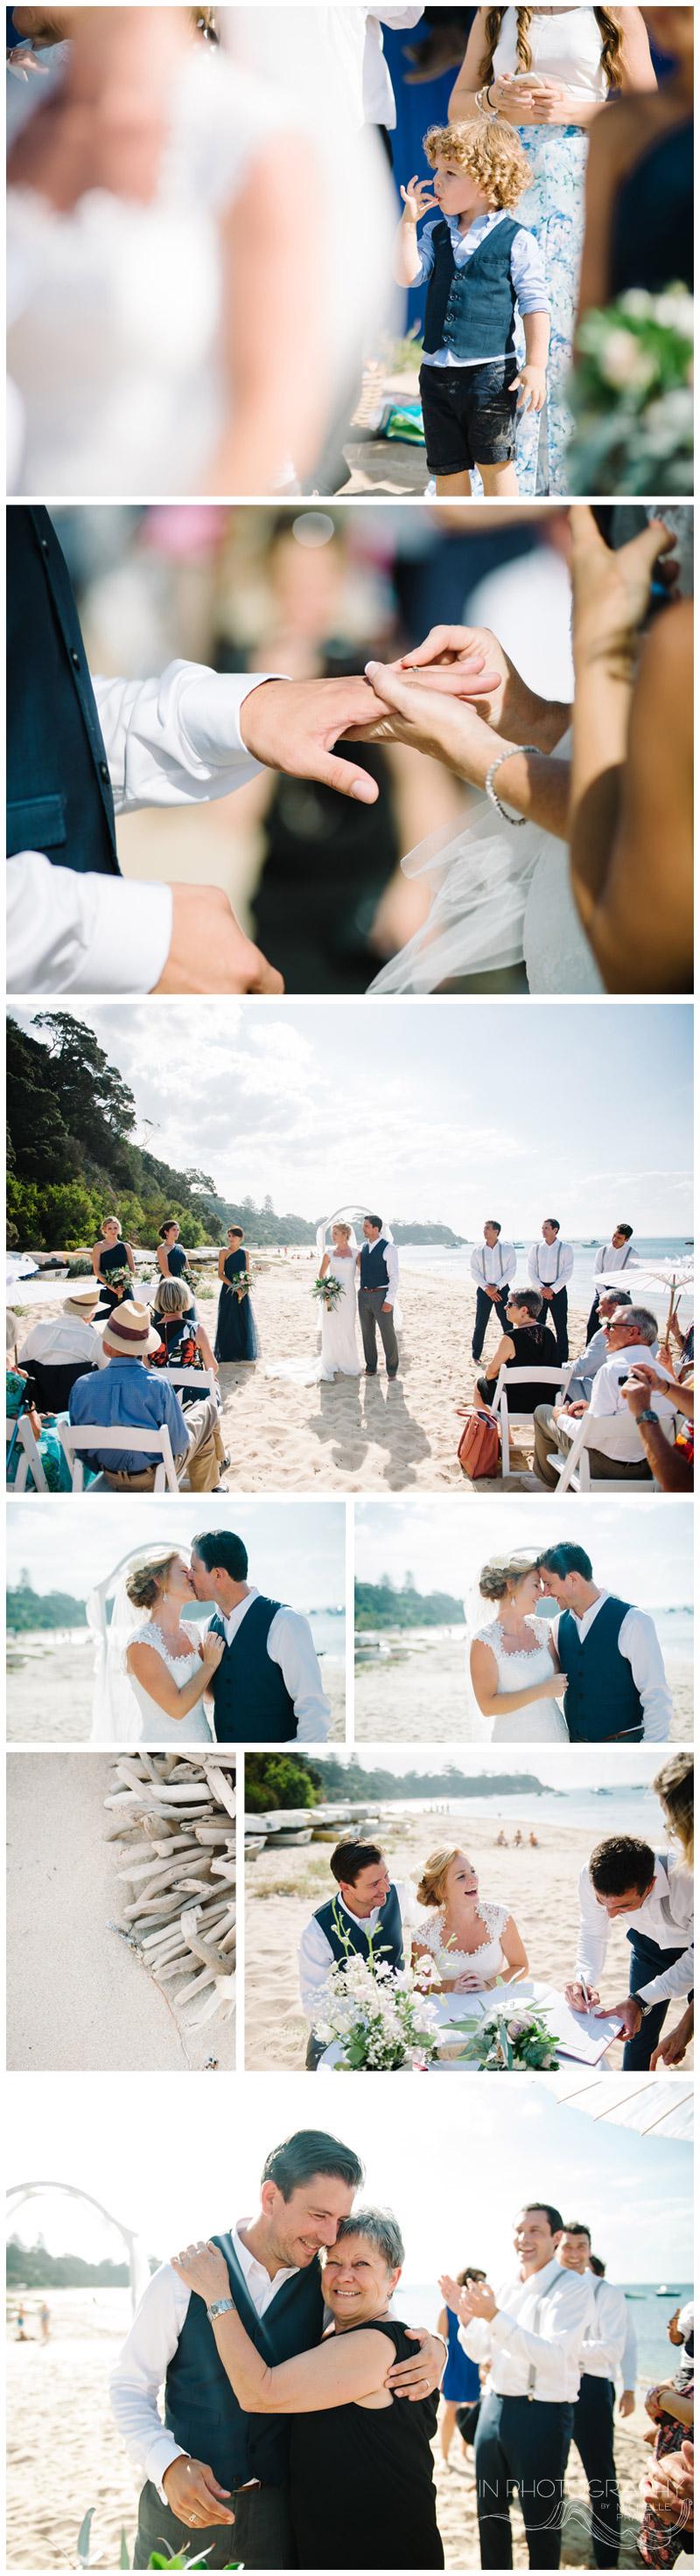 Porstea Hotel wedding ceremony and reception venue